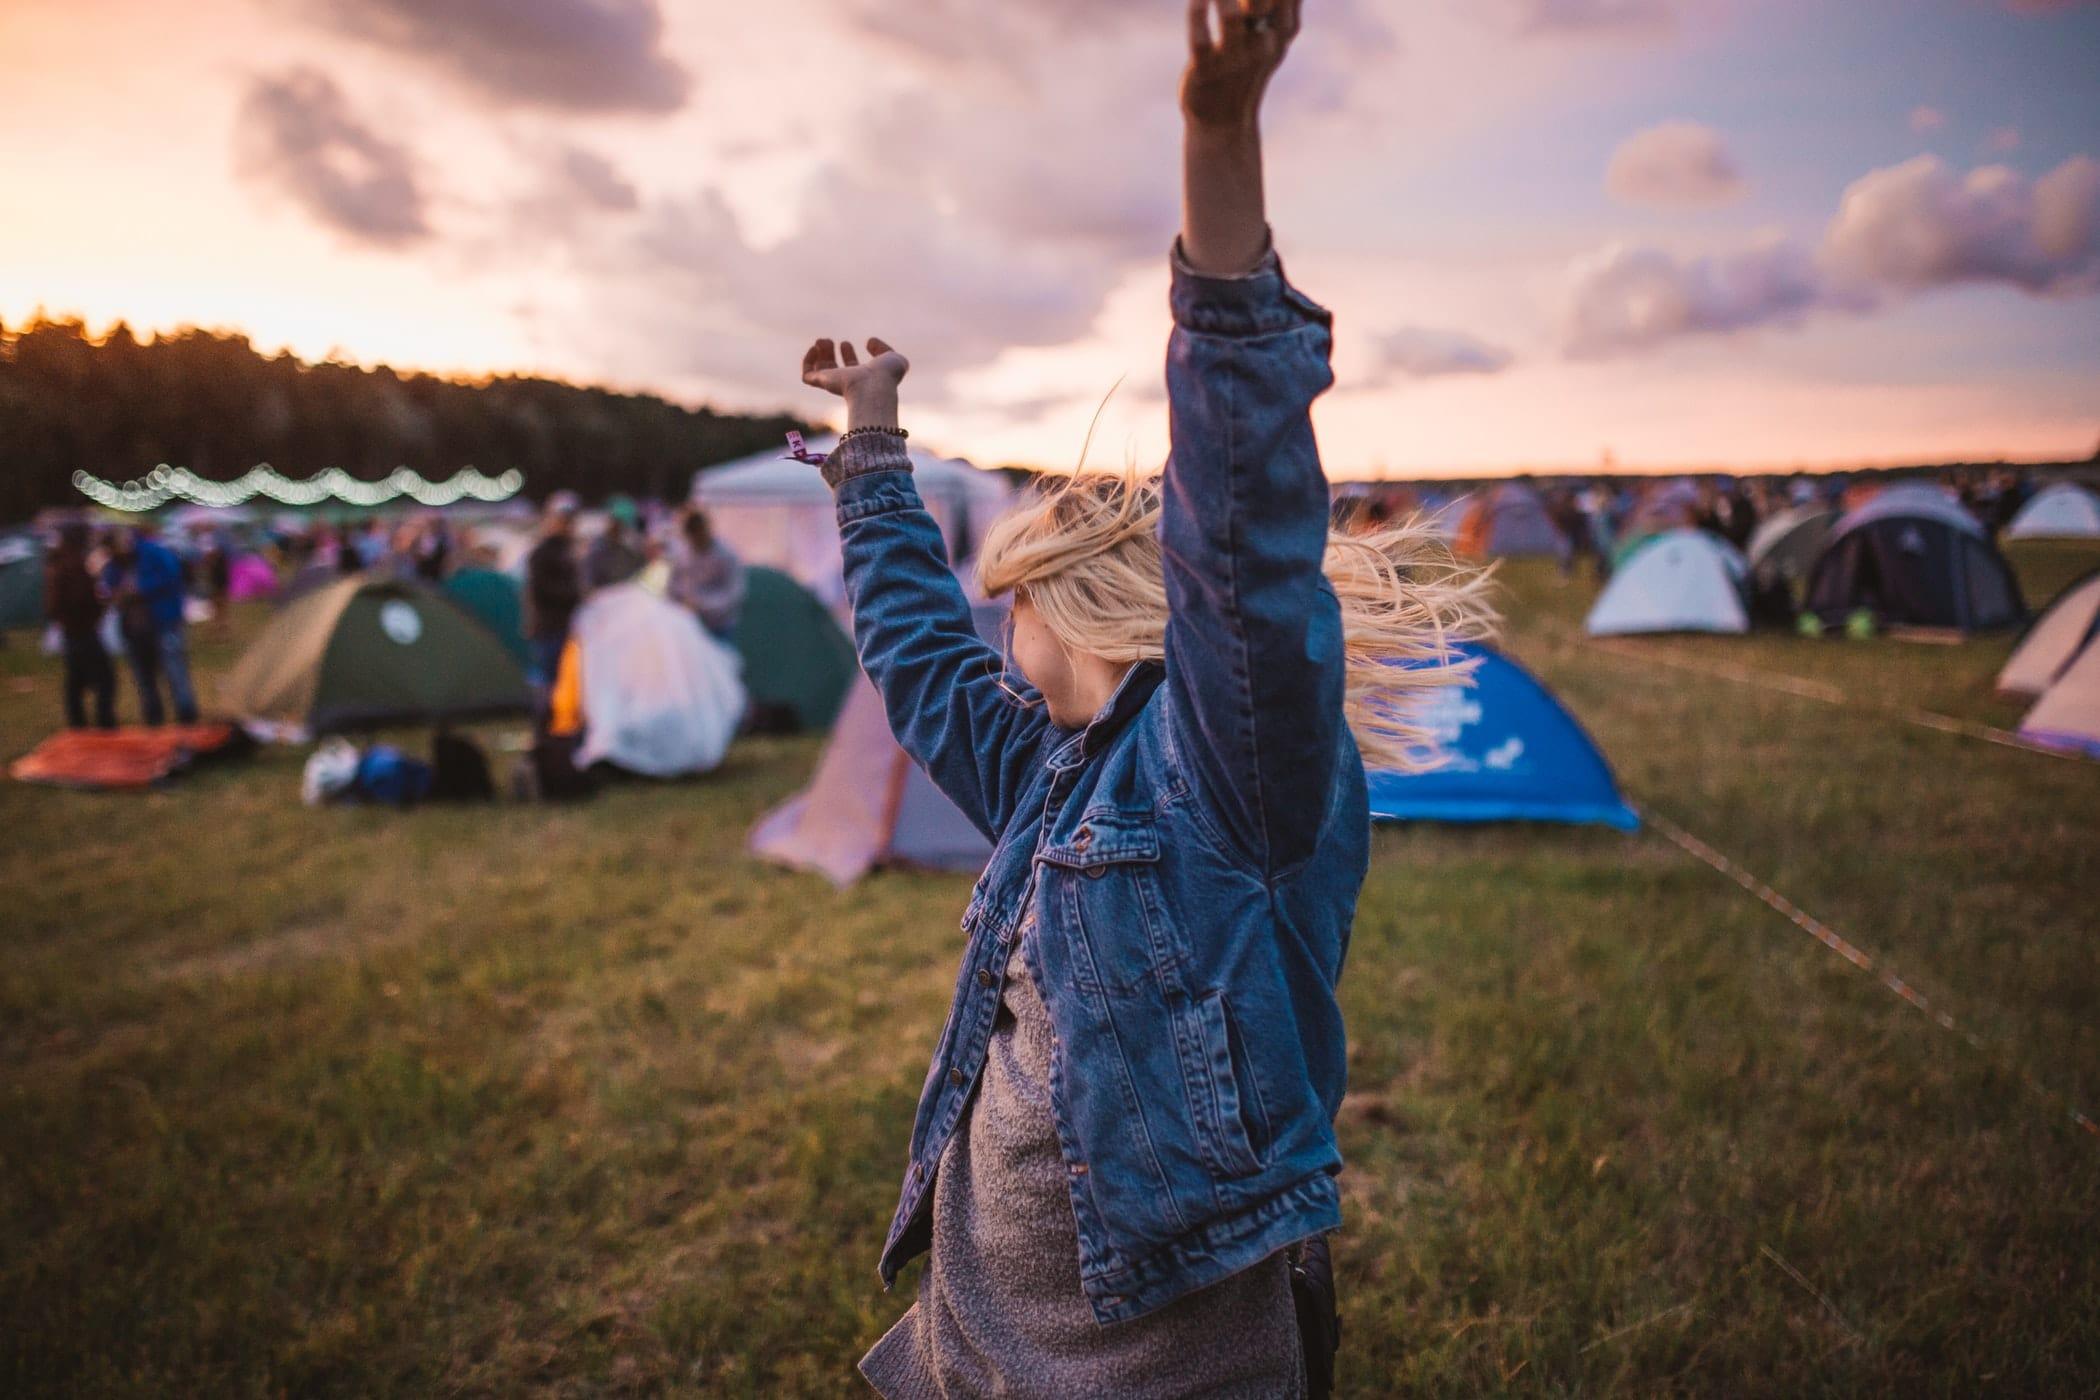 Blanke vrouw met haar handen en armen in de lucht